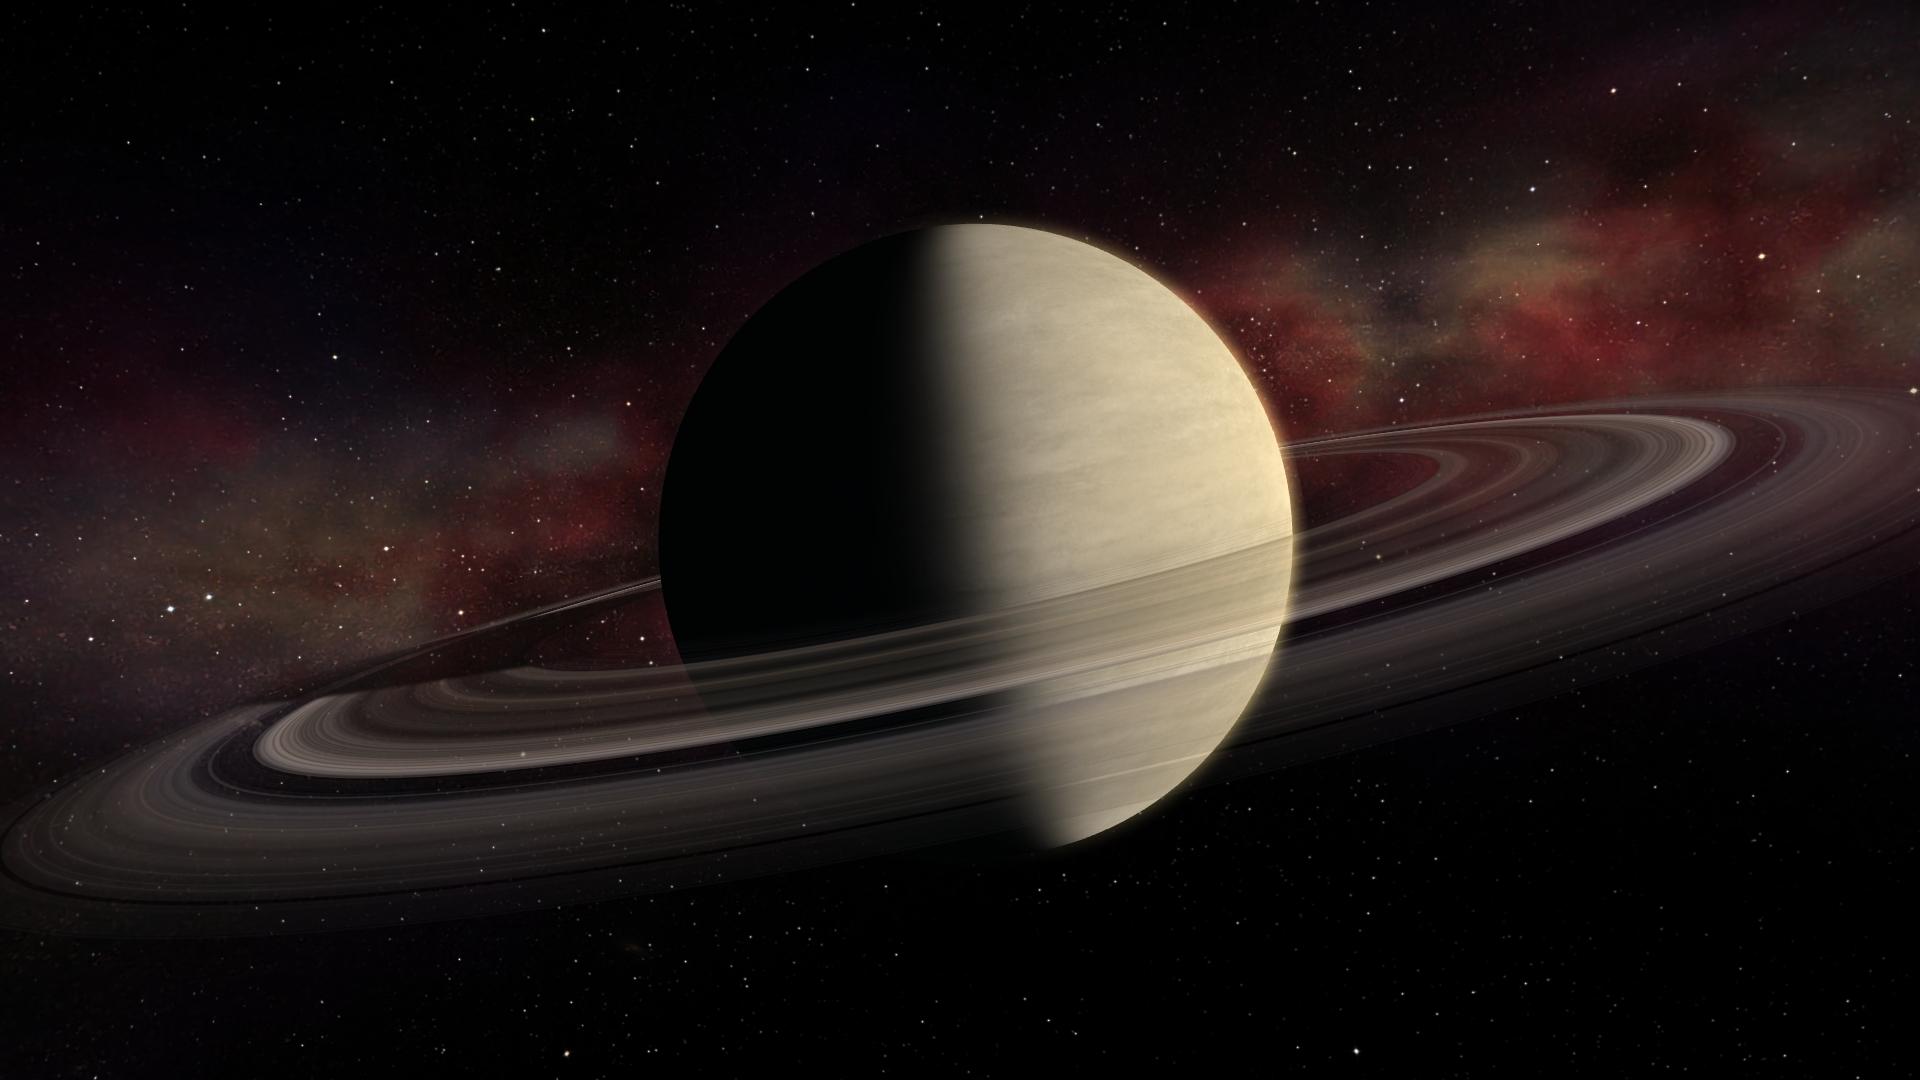 популярность имеет большая фотография планеты сатурн того, девочка занималась